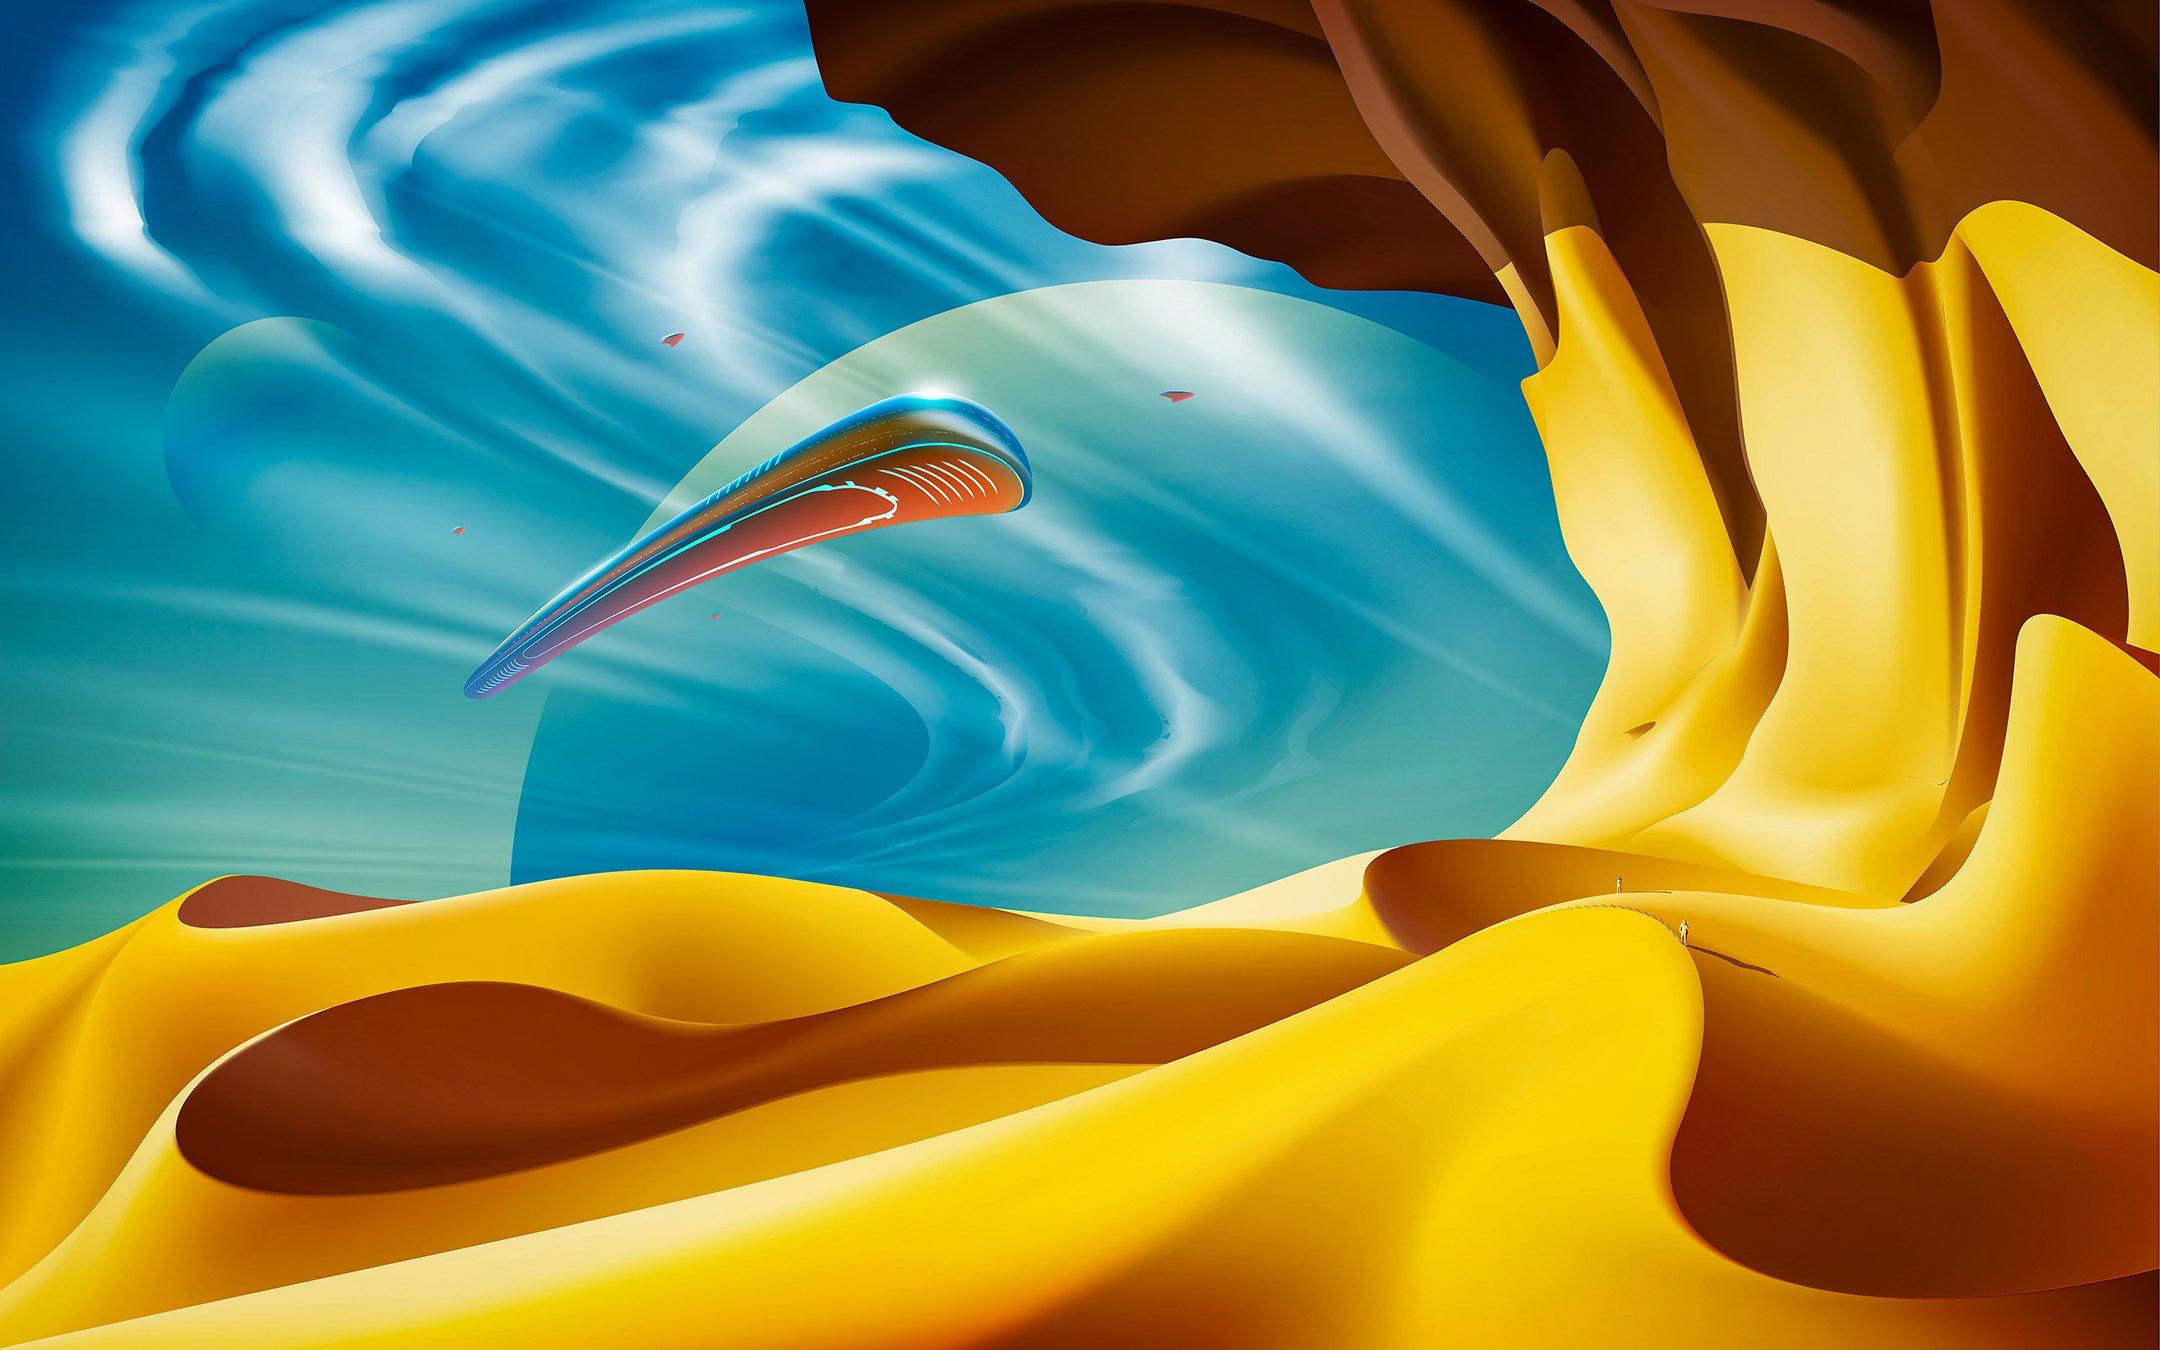 Wallpaper UFO in the desert